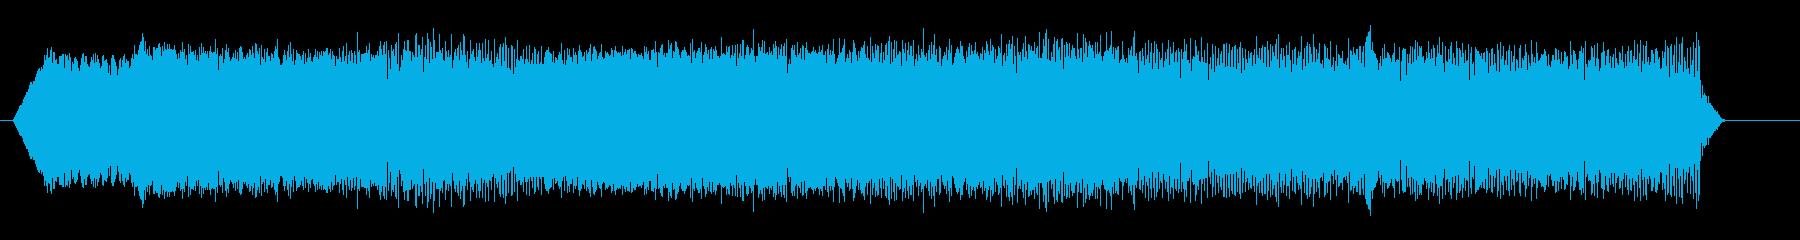 オフショアパワーボート;内部アイド...の再生済みの波形